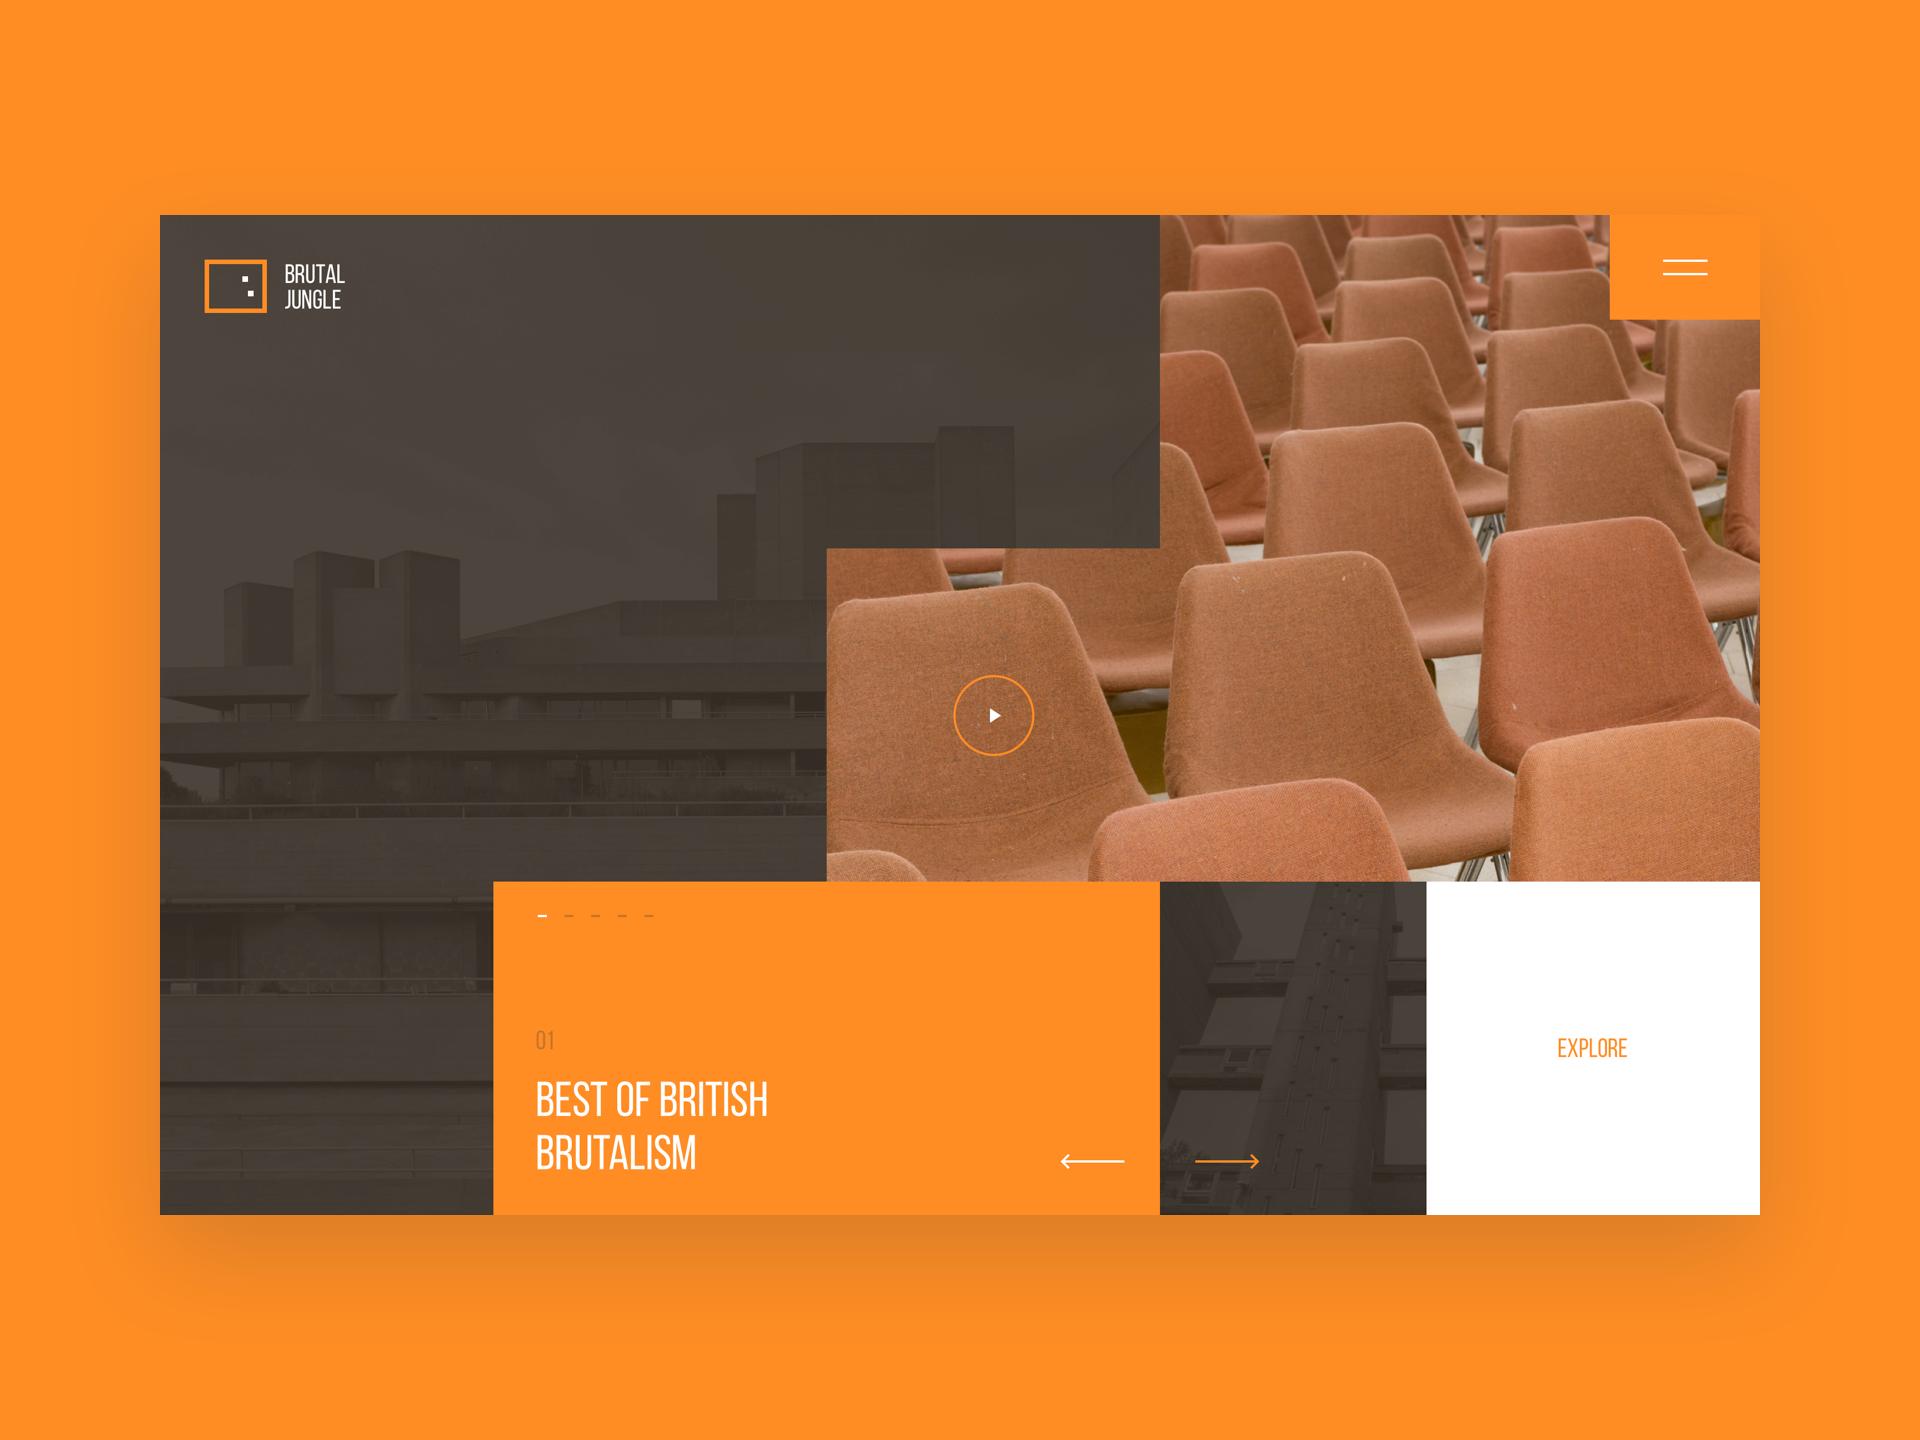 Franta toman design layout web brutal jungle